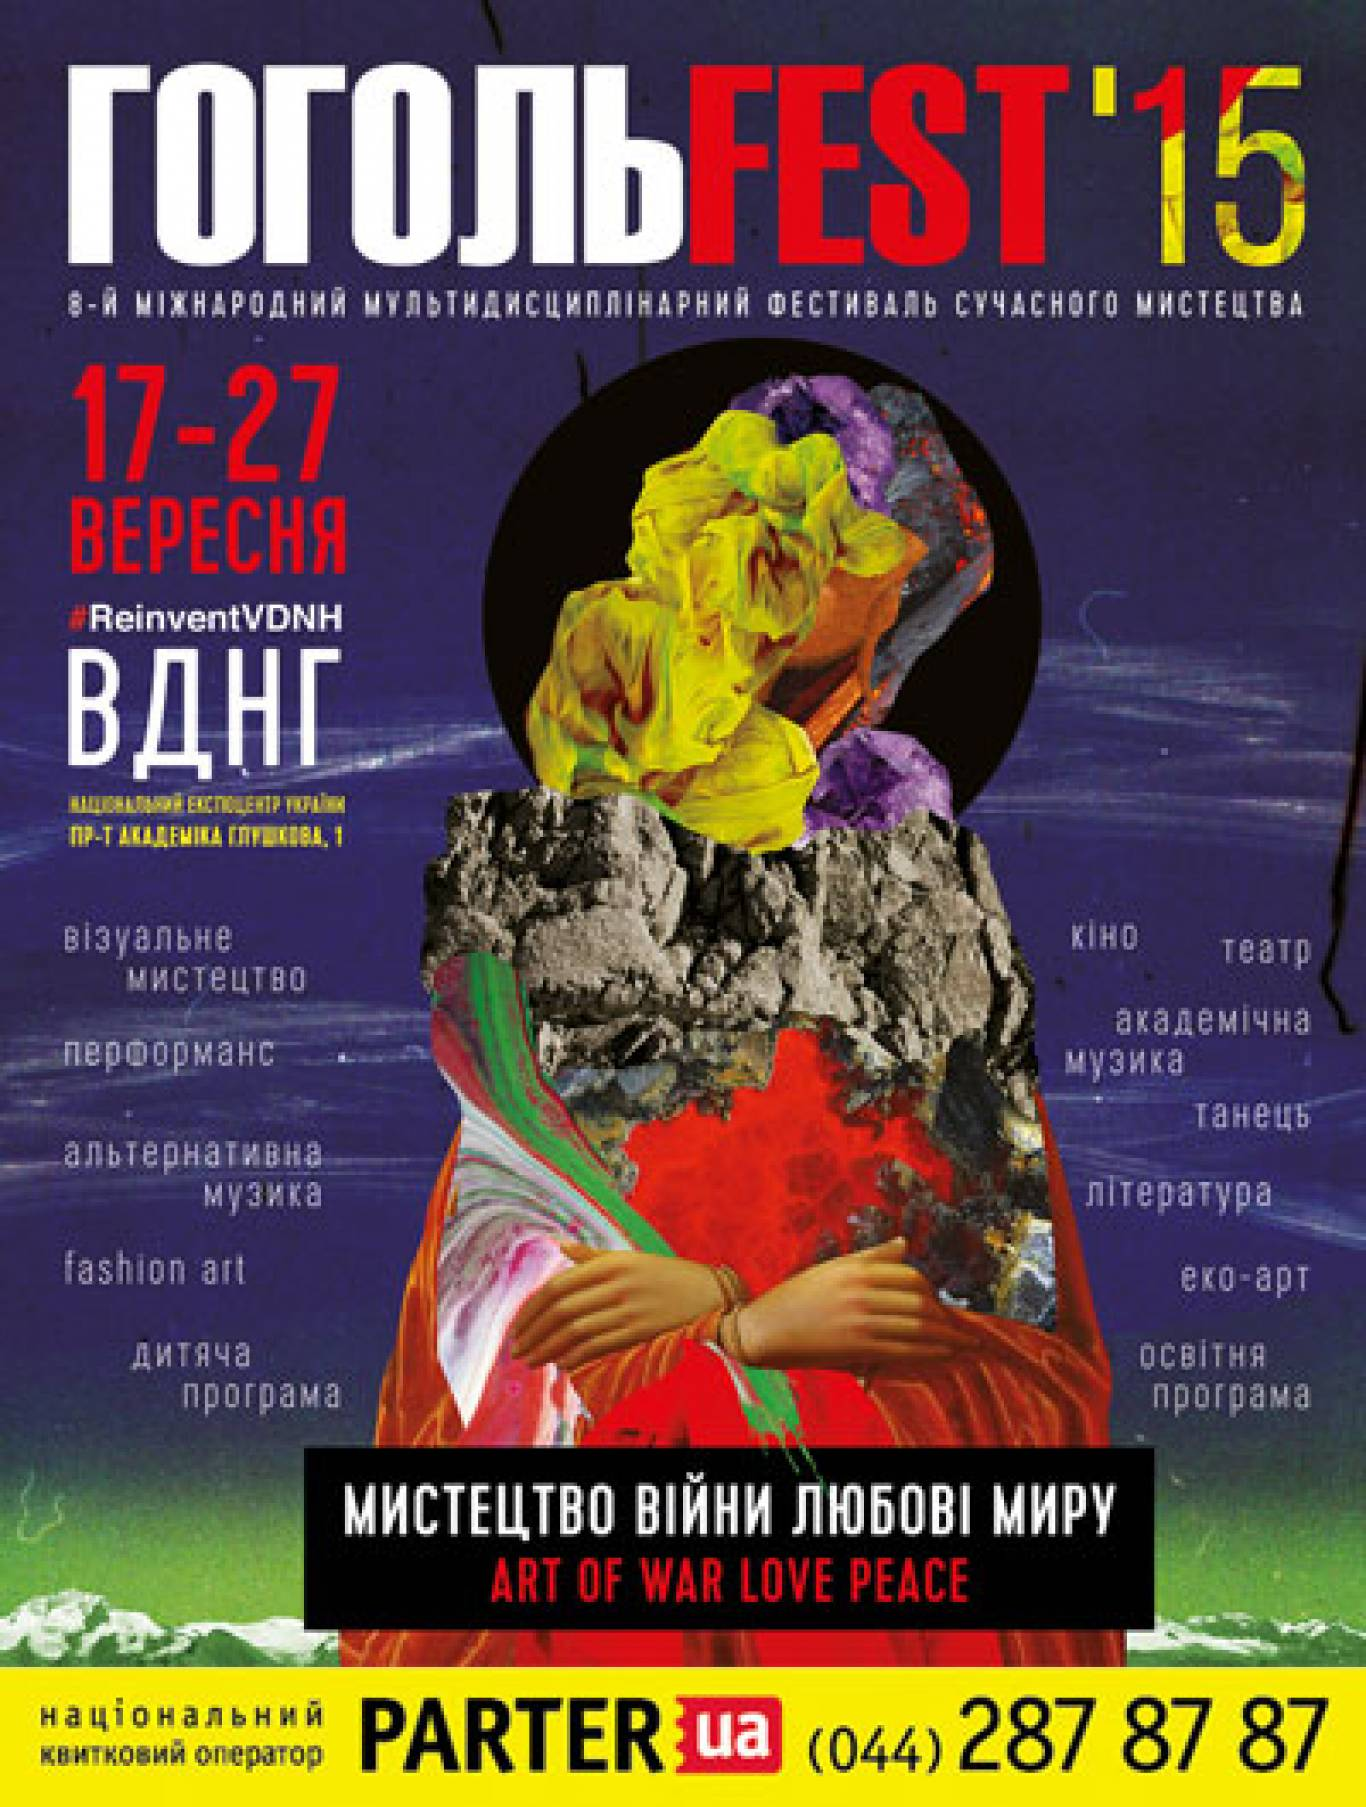 ГОГОЛЬFEST-2015 на ВДНХ: відкриття фестивалю